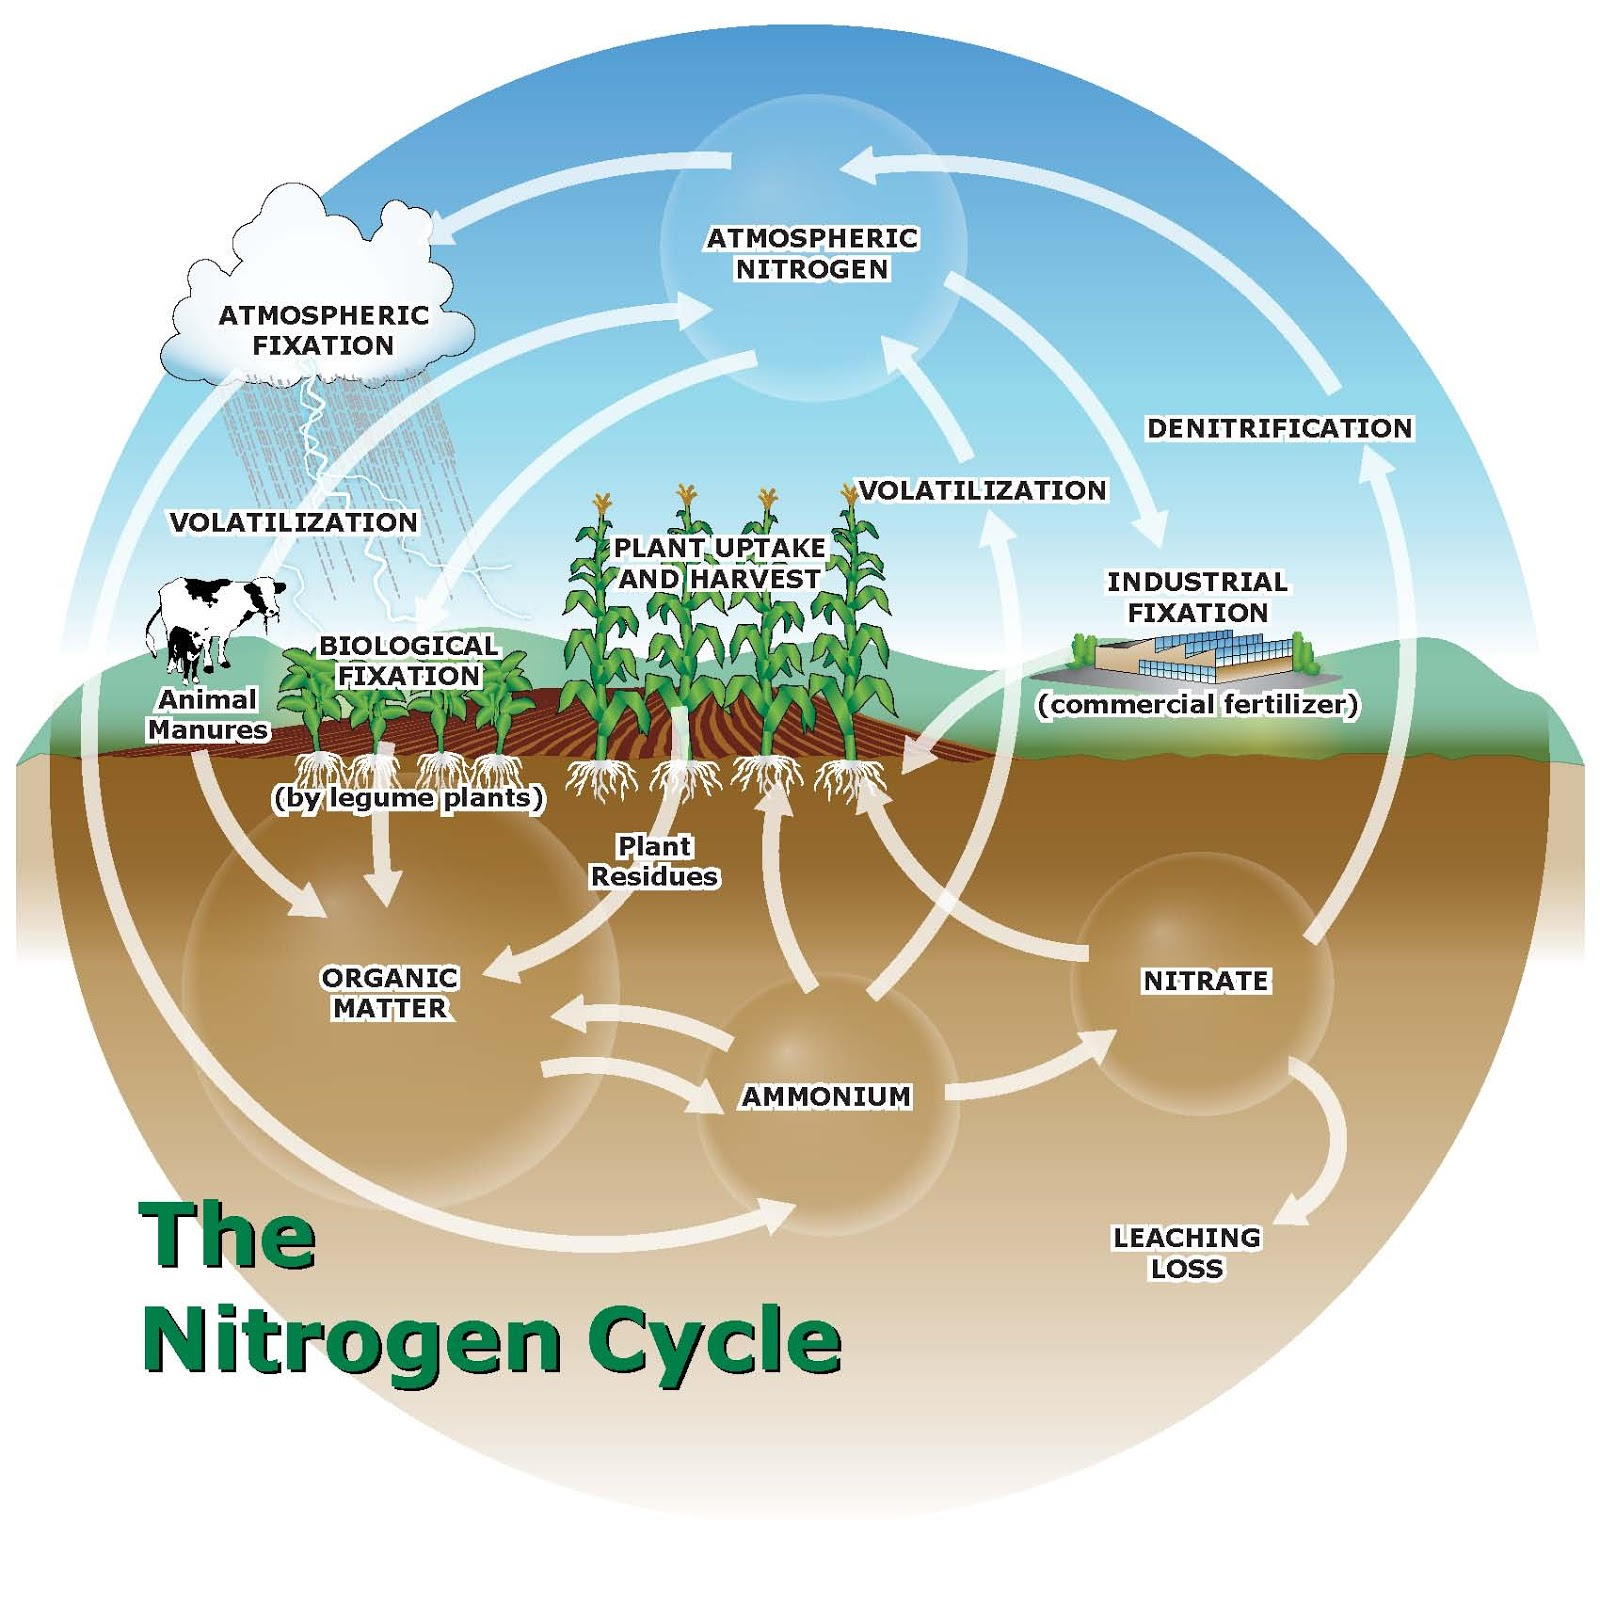 nitrogen cycle nasa - photo #9